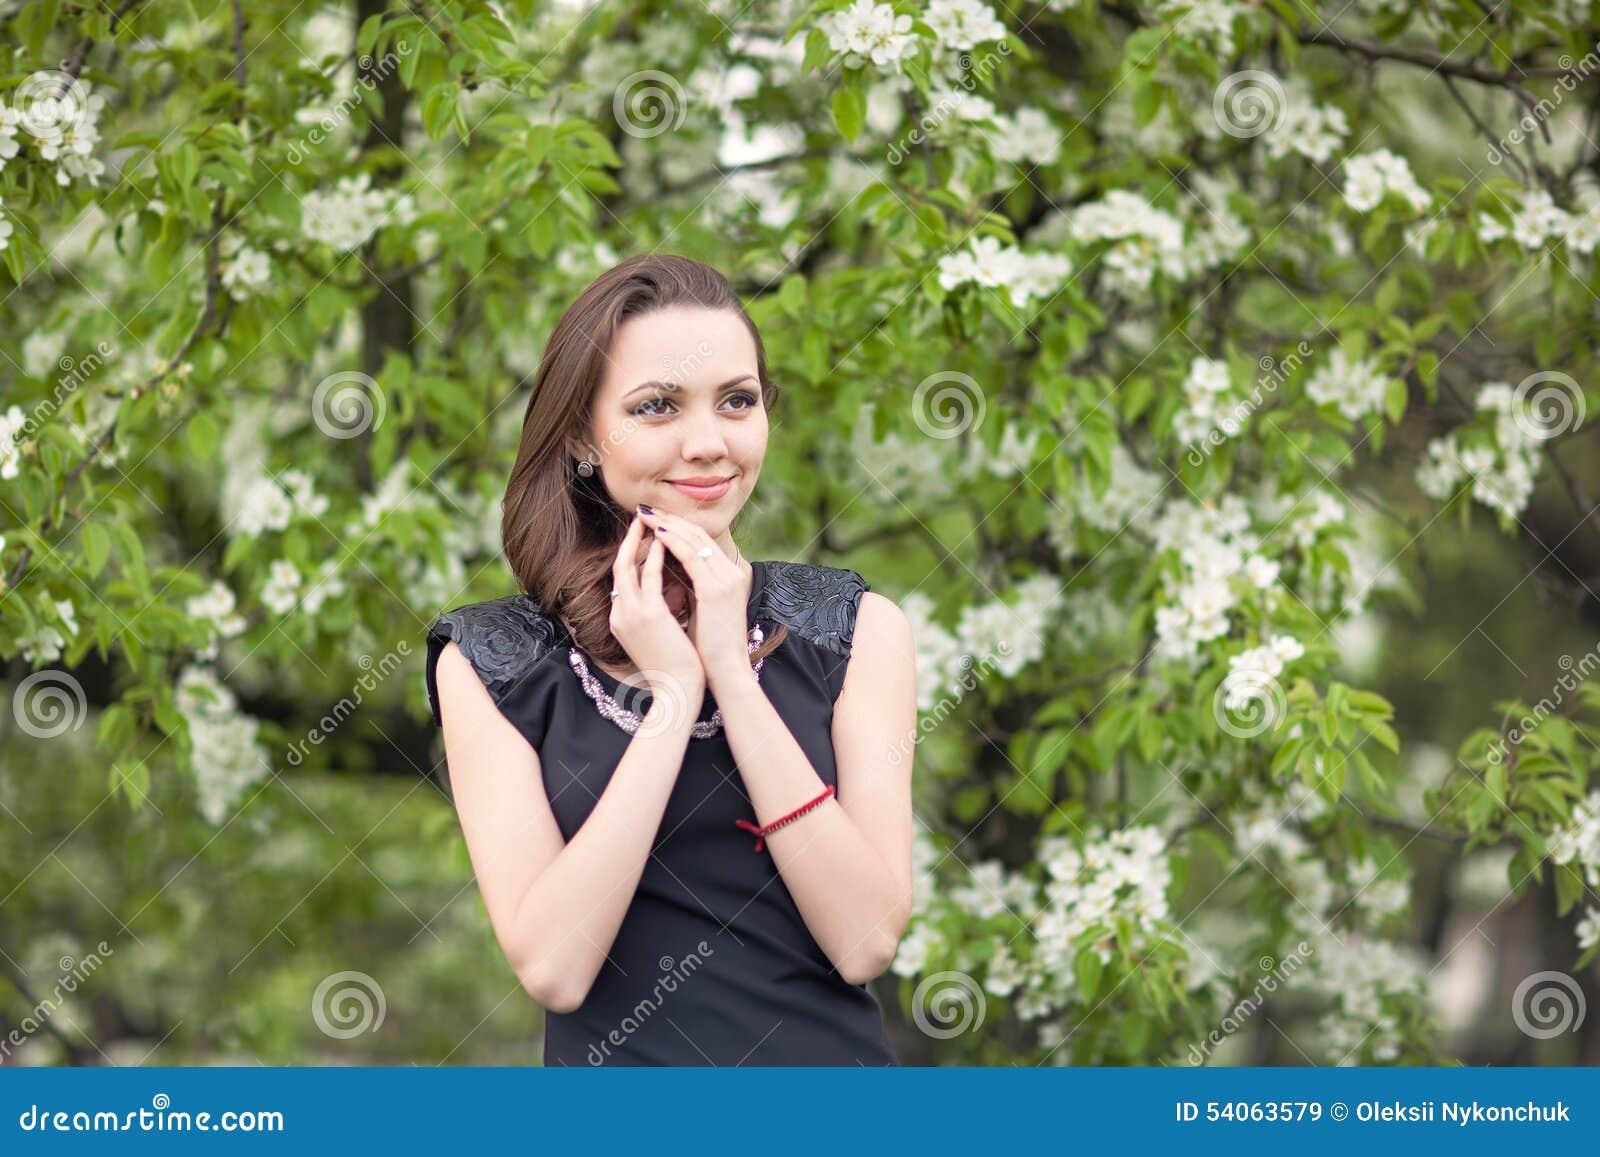 一棵开花的树的背景的女孩